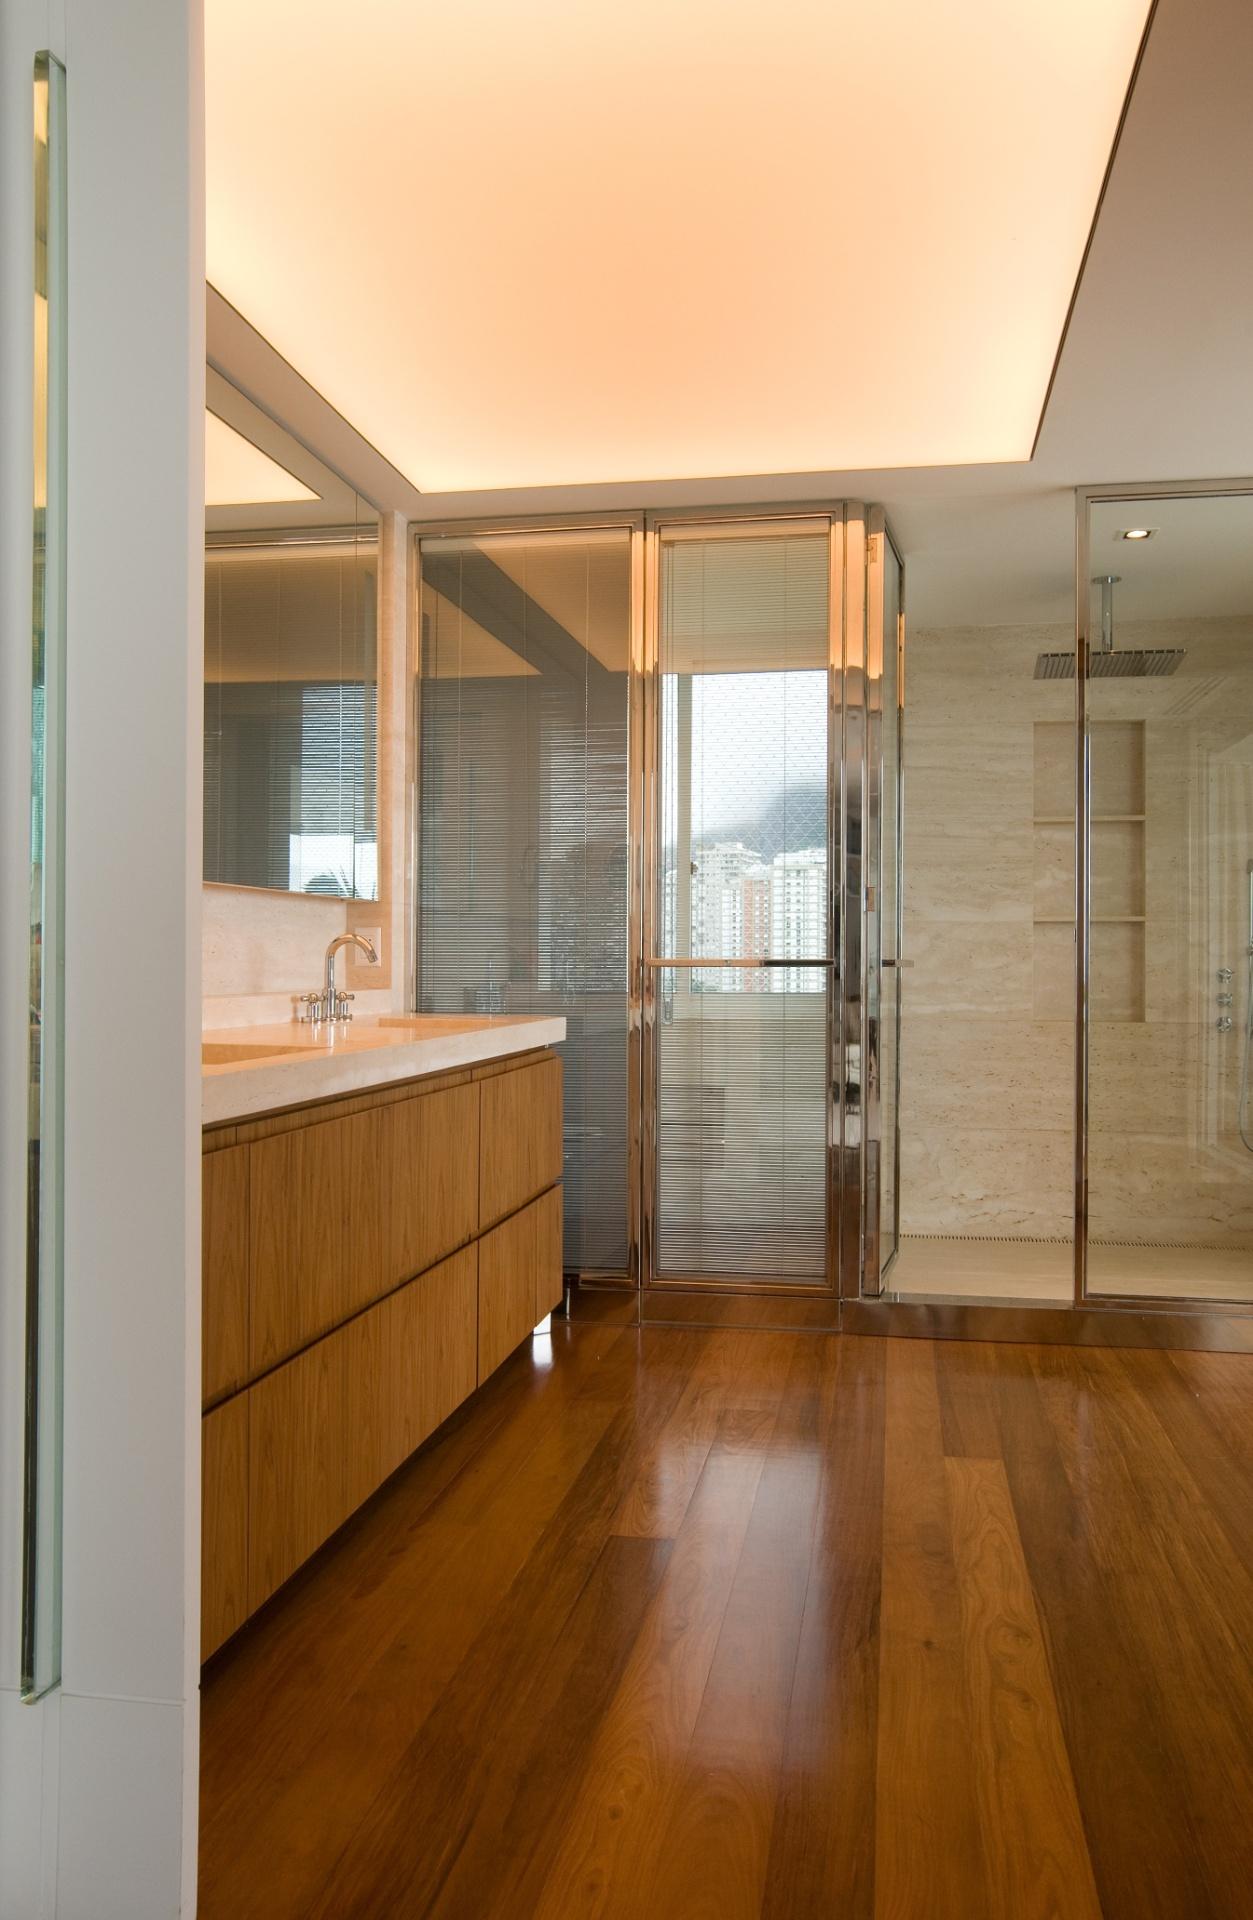 área de banho da suíte do casal é ampla com madeira predominante  #6F3F10 1253x1920 Banheiro Da Suite Do Casal